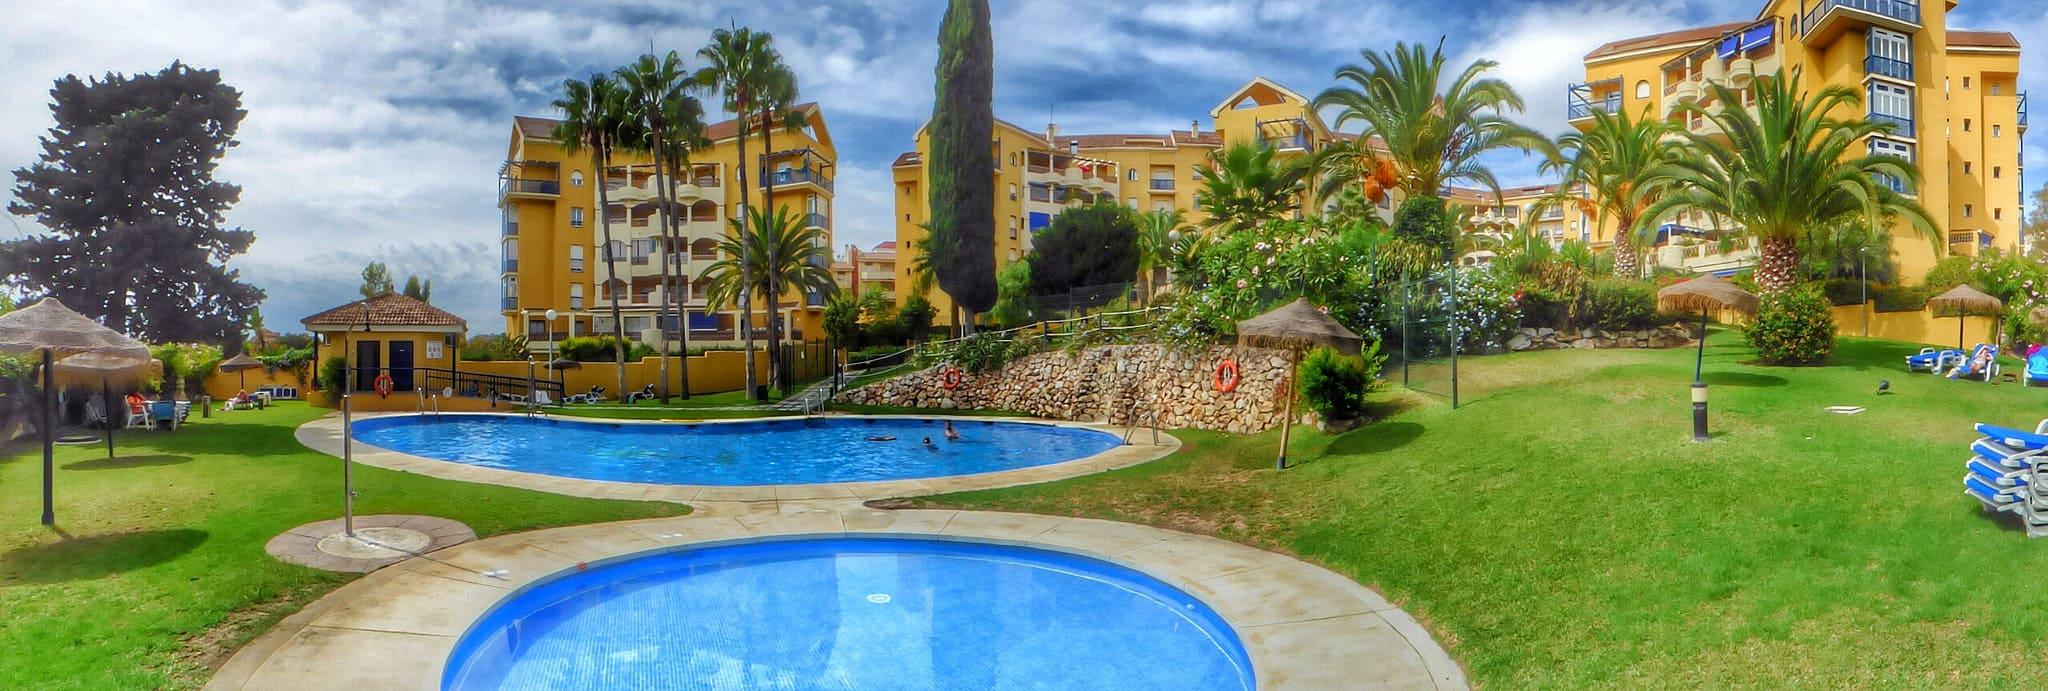 Spagna del Sud costa del sol